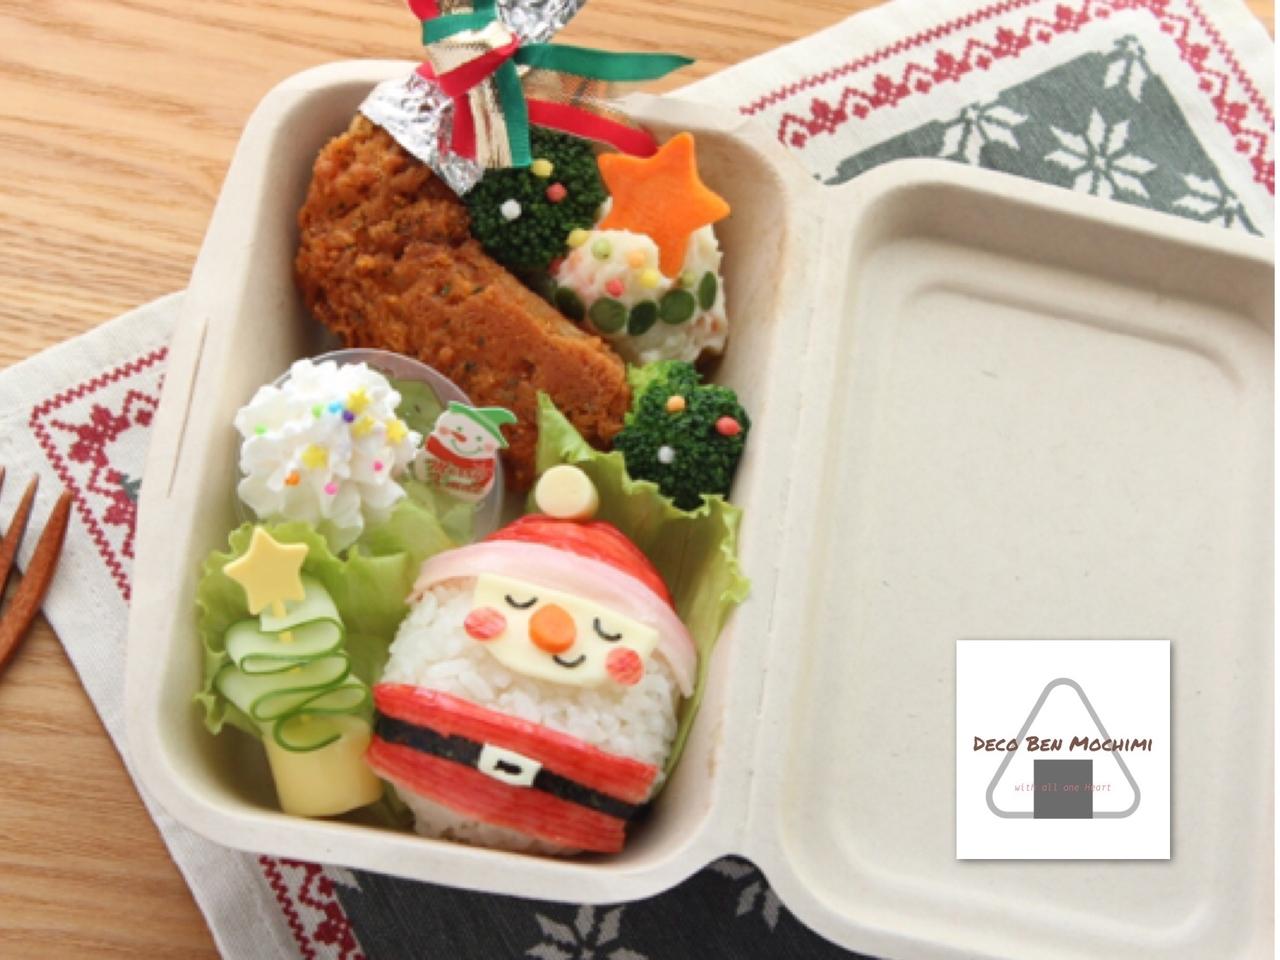 子どものためのお弁当教室ラ*シード12月クリスマスチキン+サンタさんおにぎり弁当